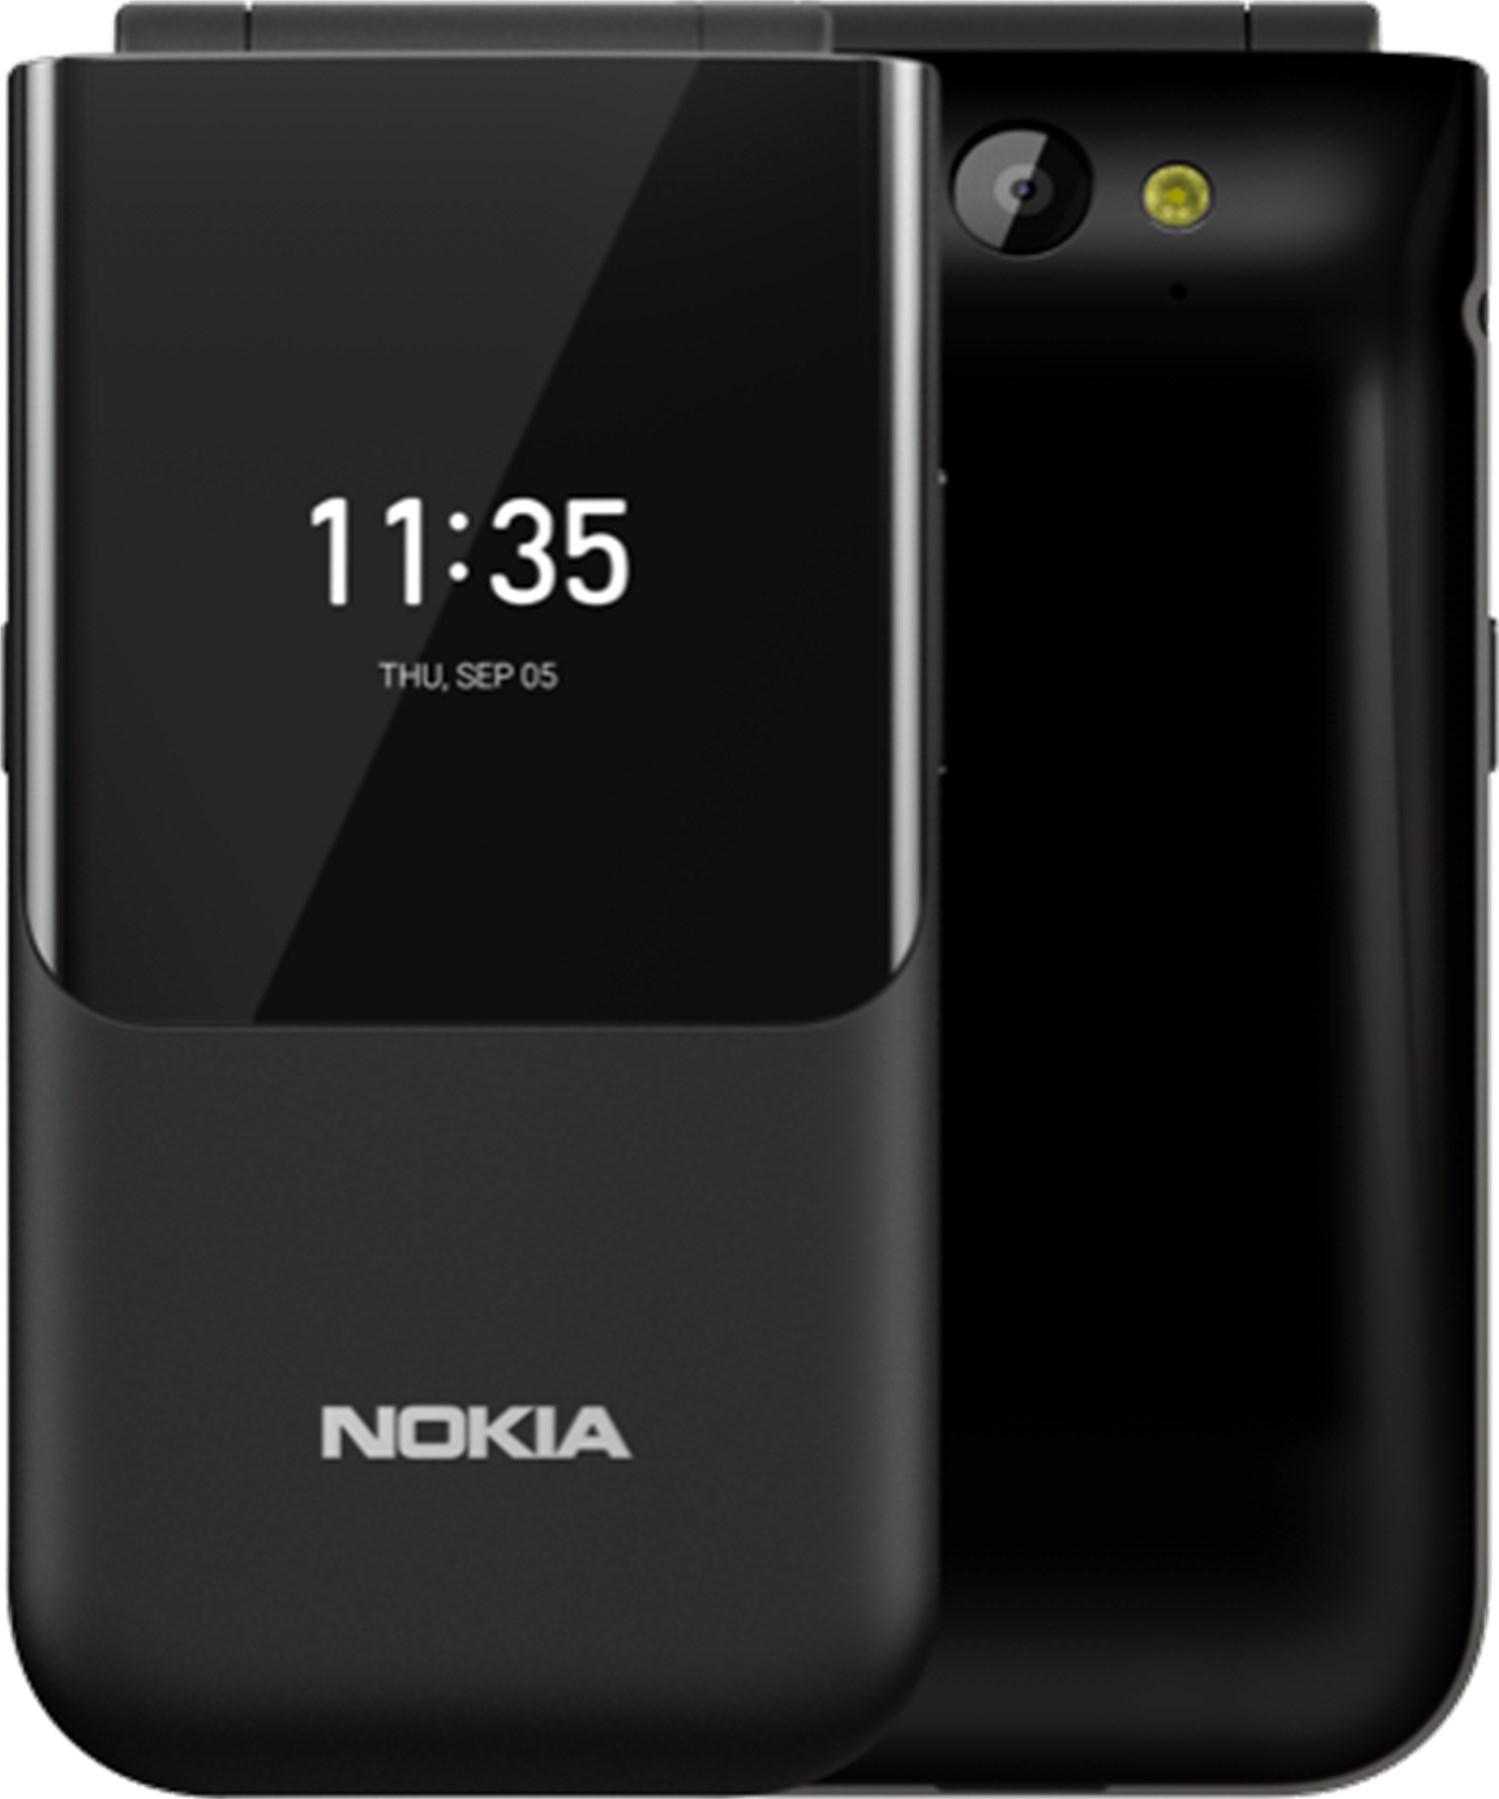 Nokia 2720 Dualsim Black